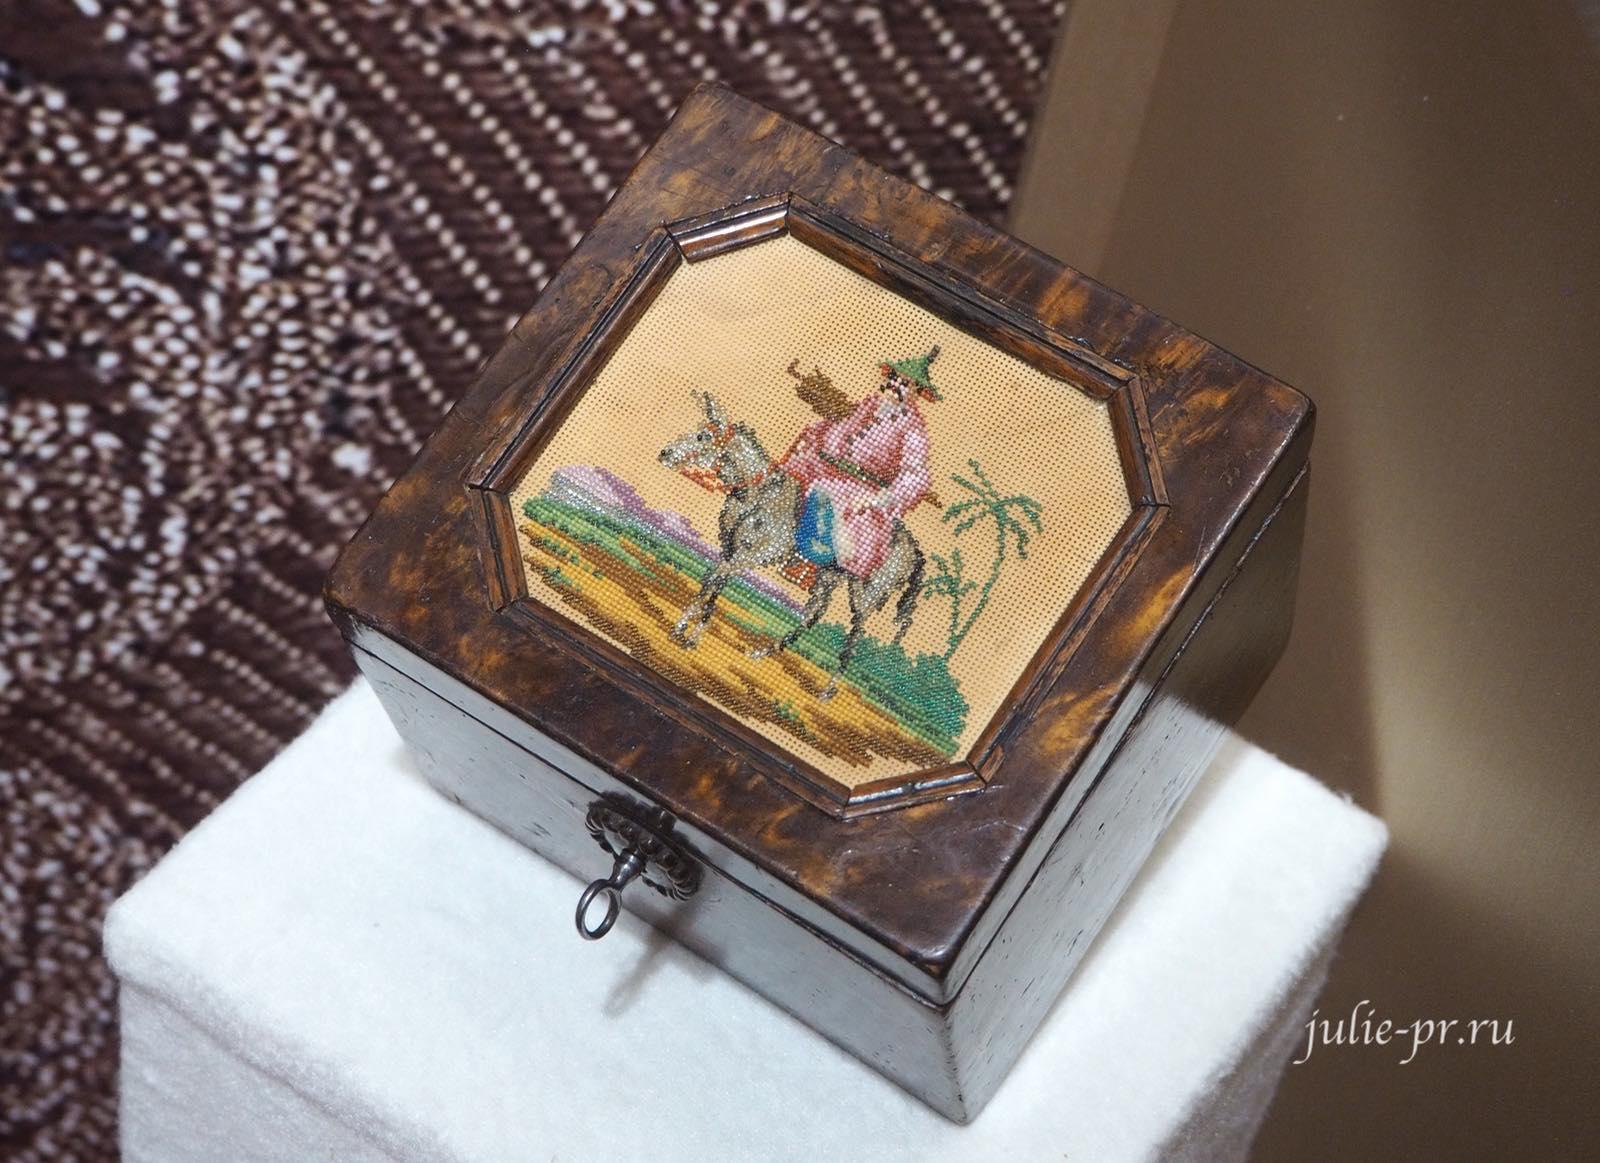 Чайная коробка (Россия, 1820 — 1830-е гг.): вышивка бисером по перфорированной бумаге